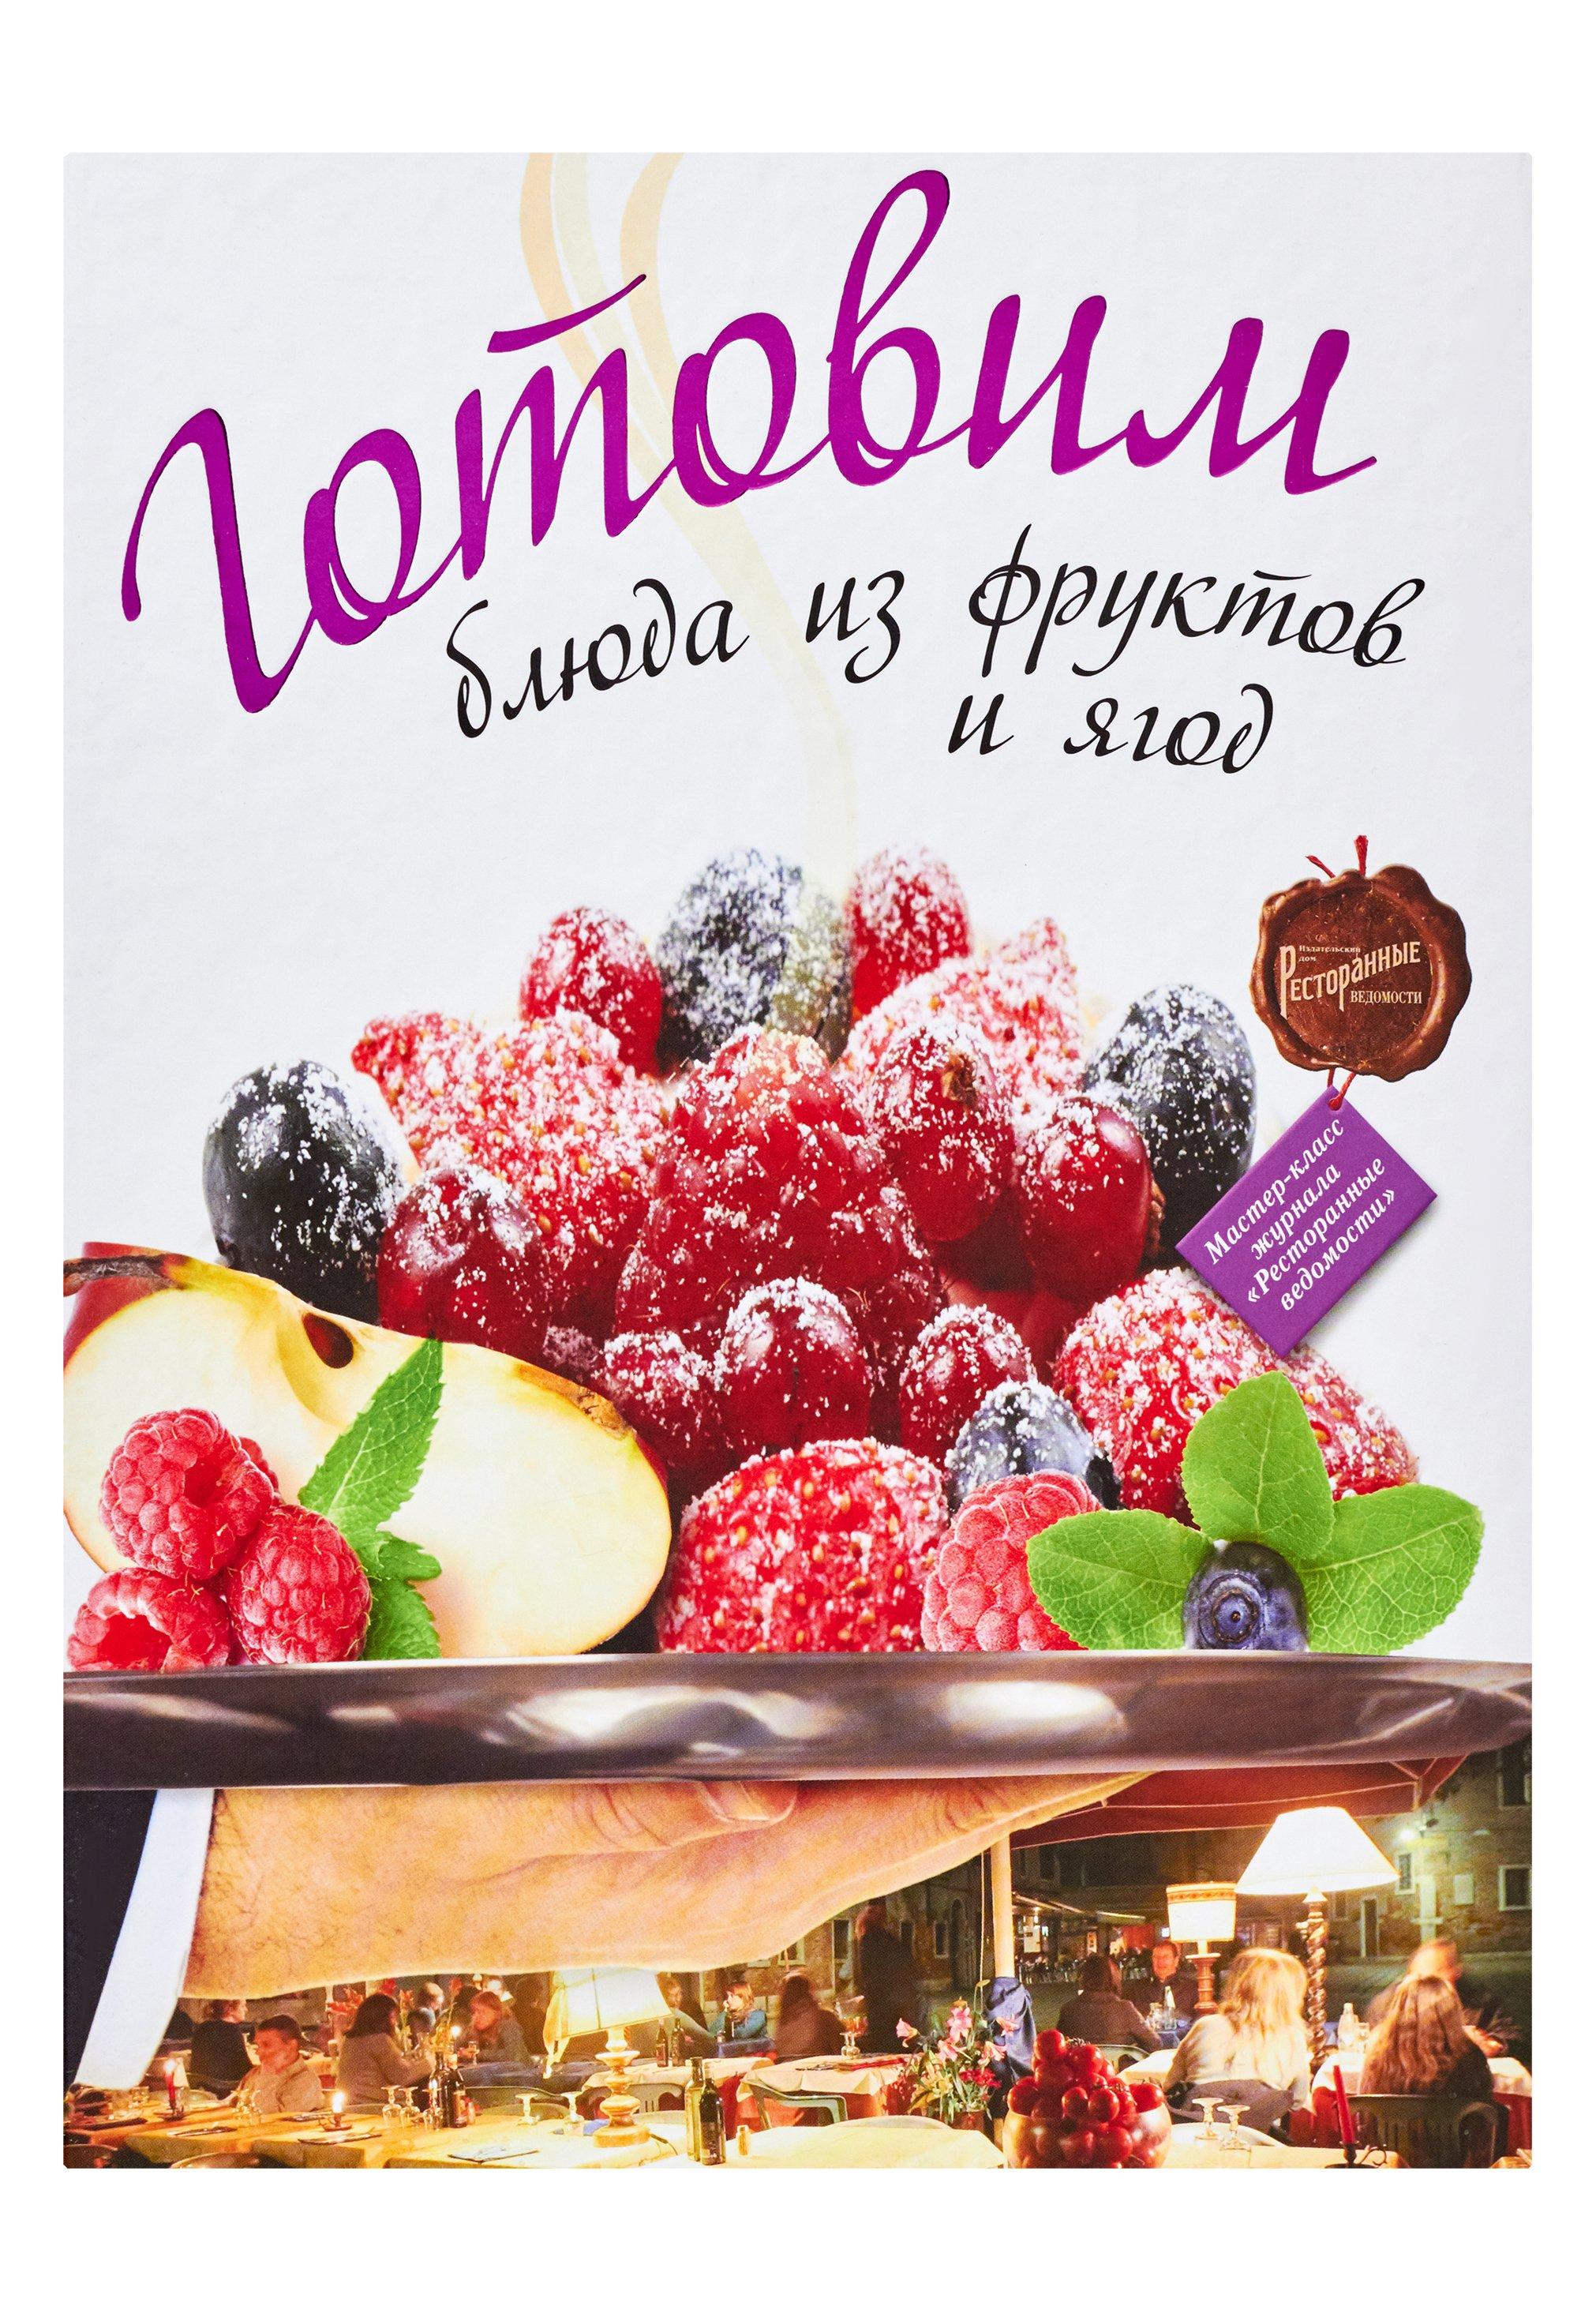 Готовим блюда из фруктов и ягод жукова а праздник по рецепту ваши любимые блюда от шеф поваров золотого кольца россии isbn 978 5 699 97473 3